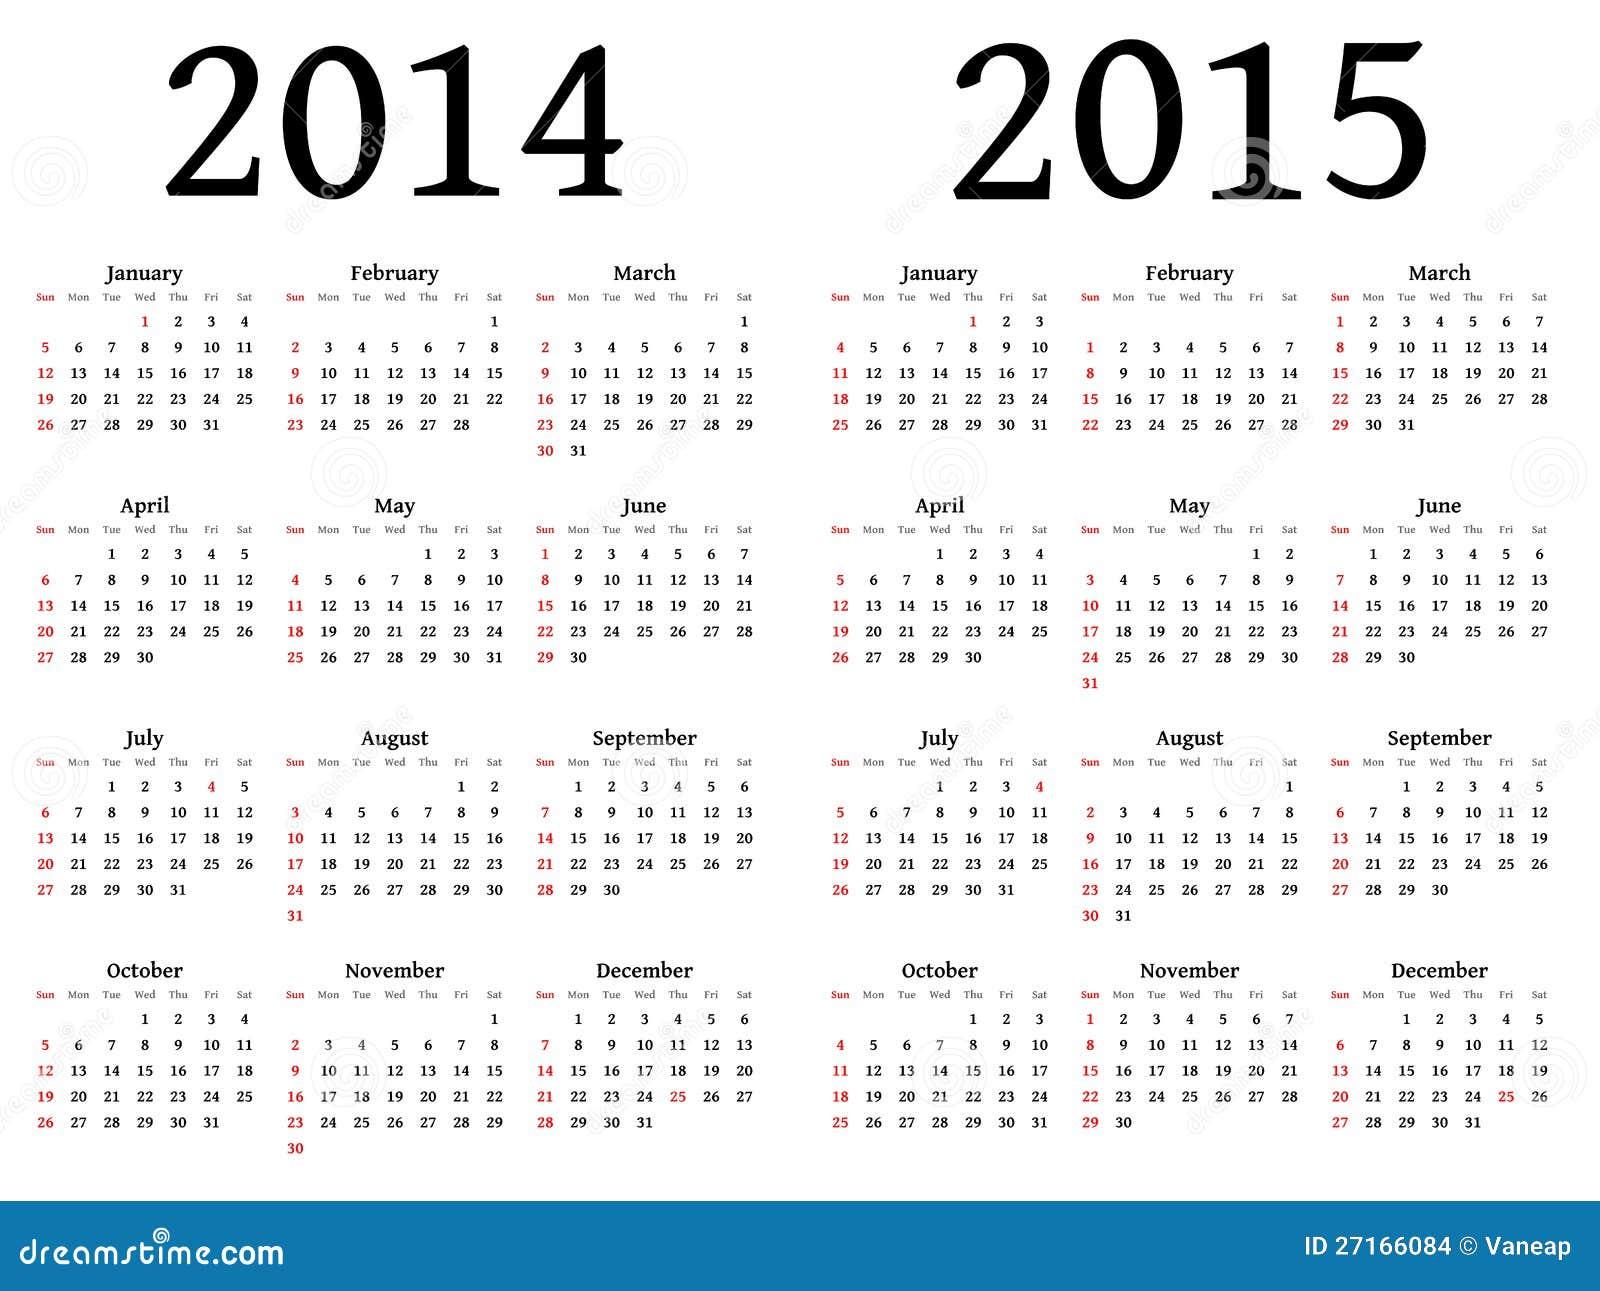 Calendrier pour 2014 et 2015 dans le vecteur